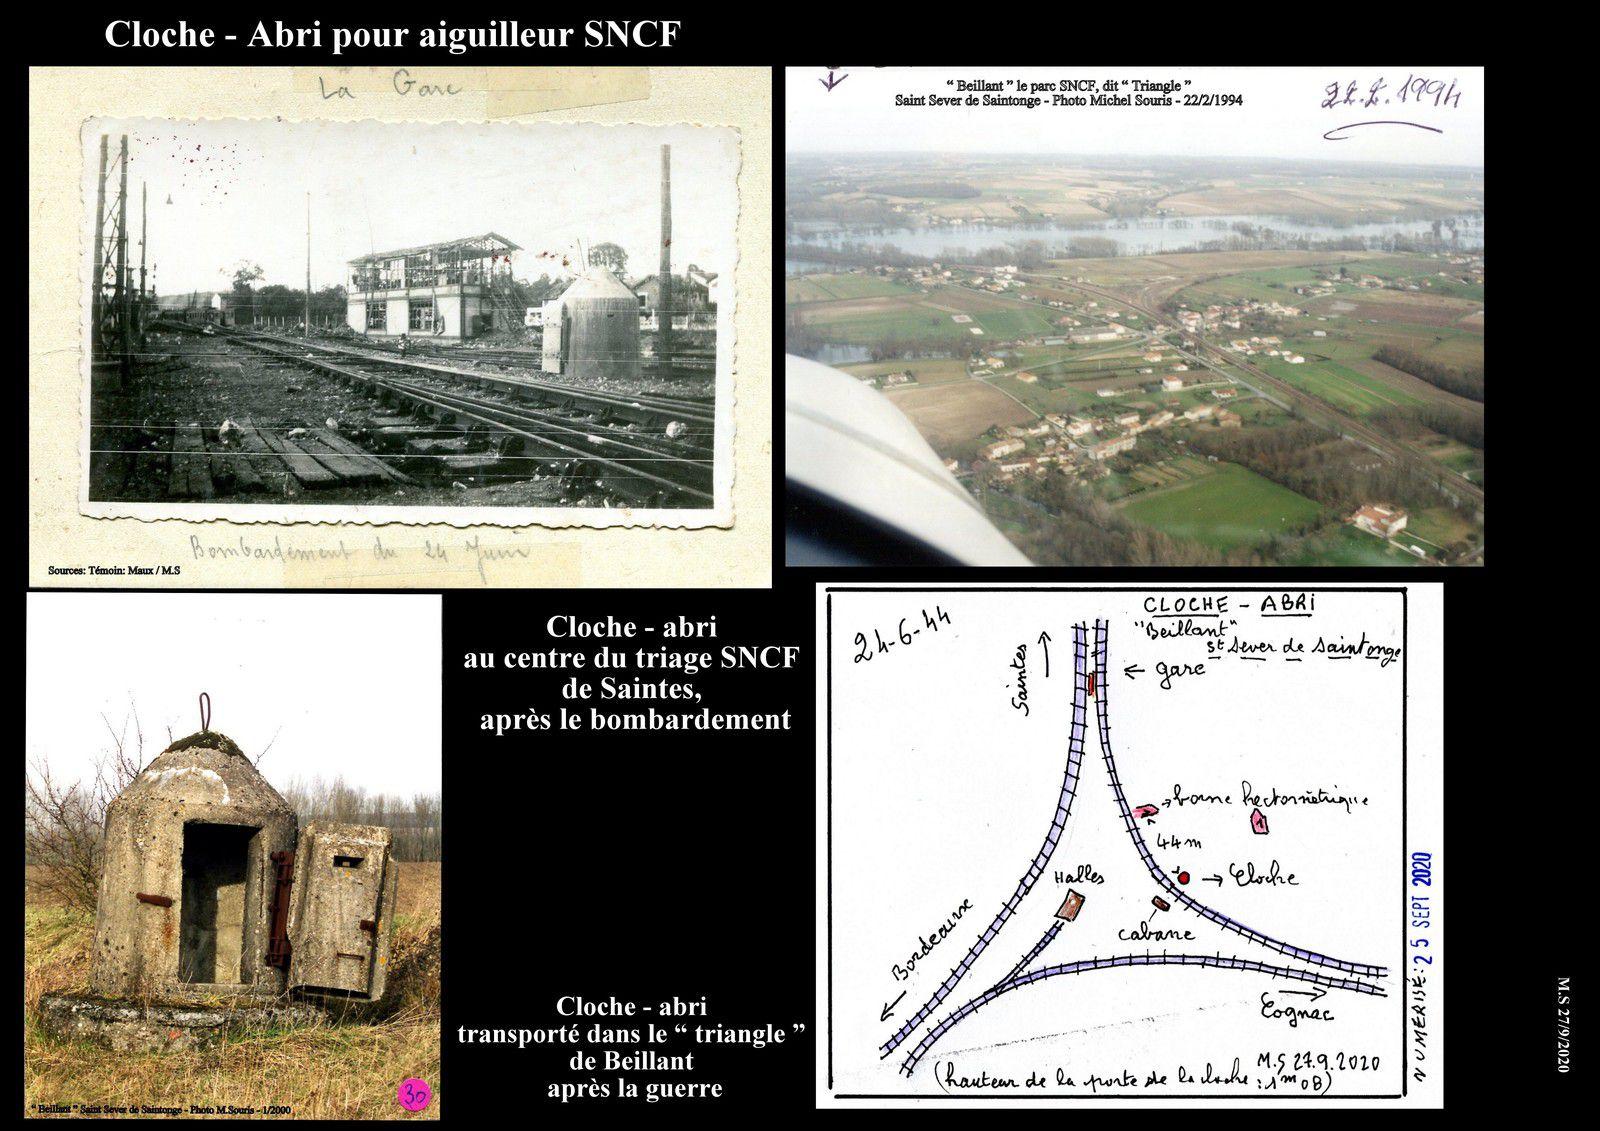 27 - Histoire de la cloche - abri.... de Saintes à St Sever de Saintonge